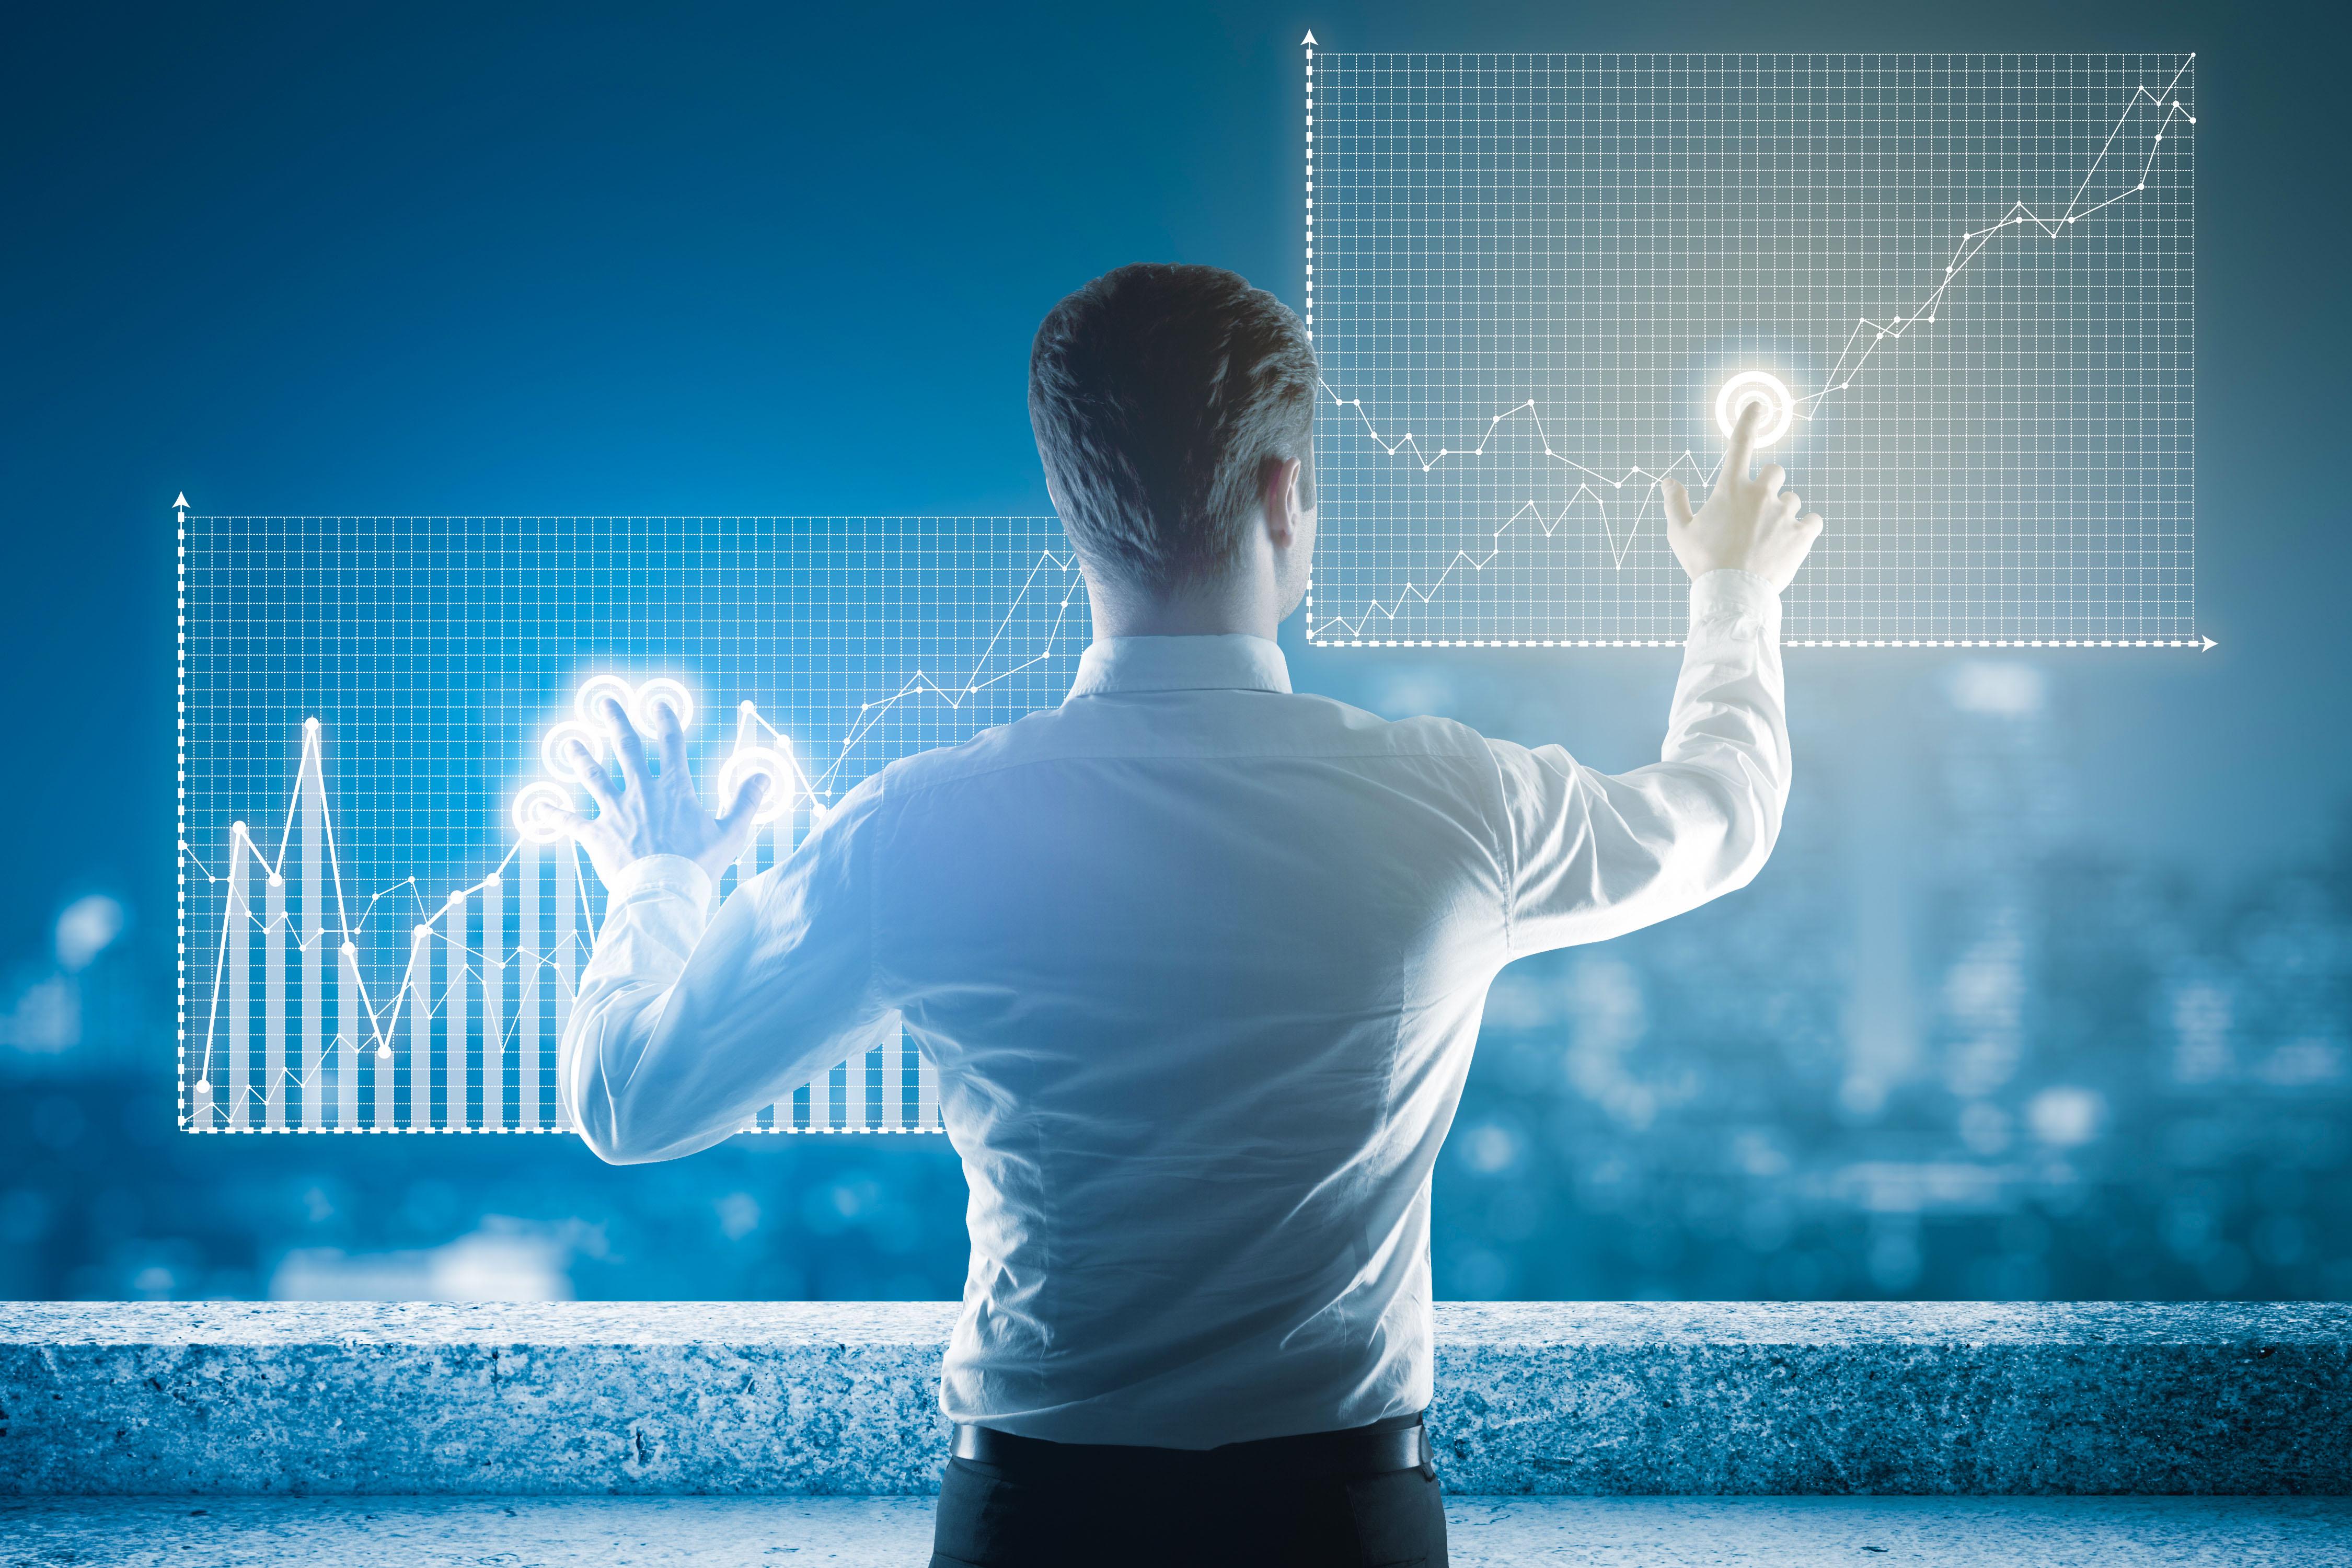 анализ графиков, финансы, trading, трейдинг, как заработать на криптовалюте